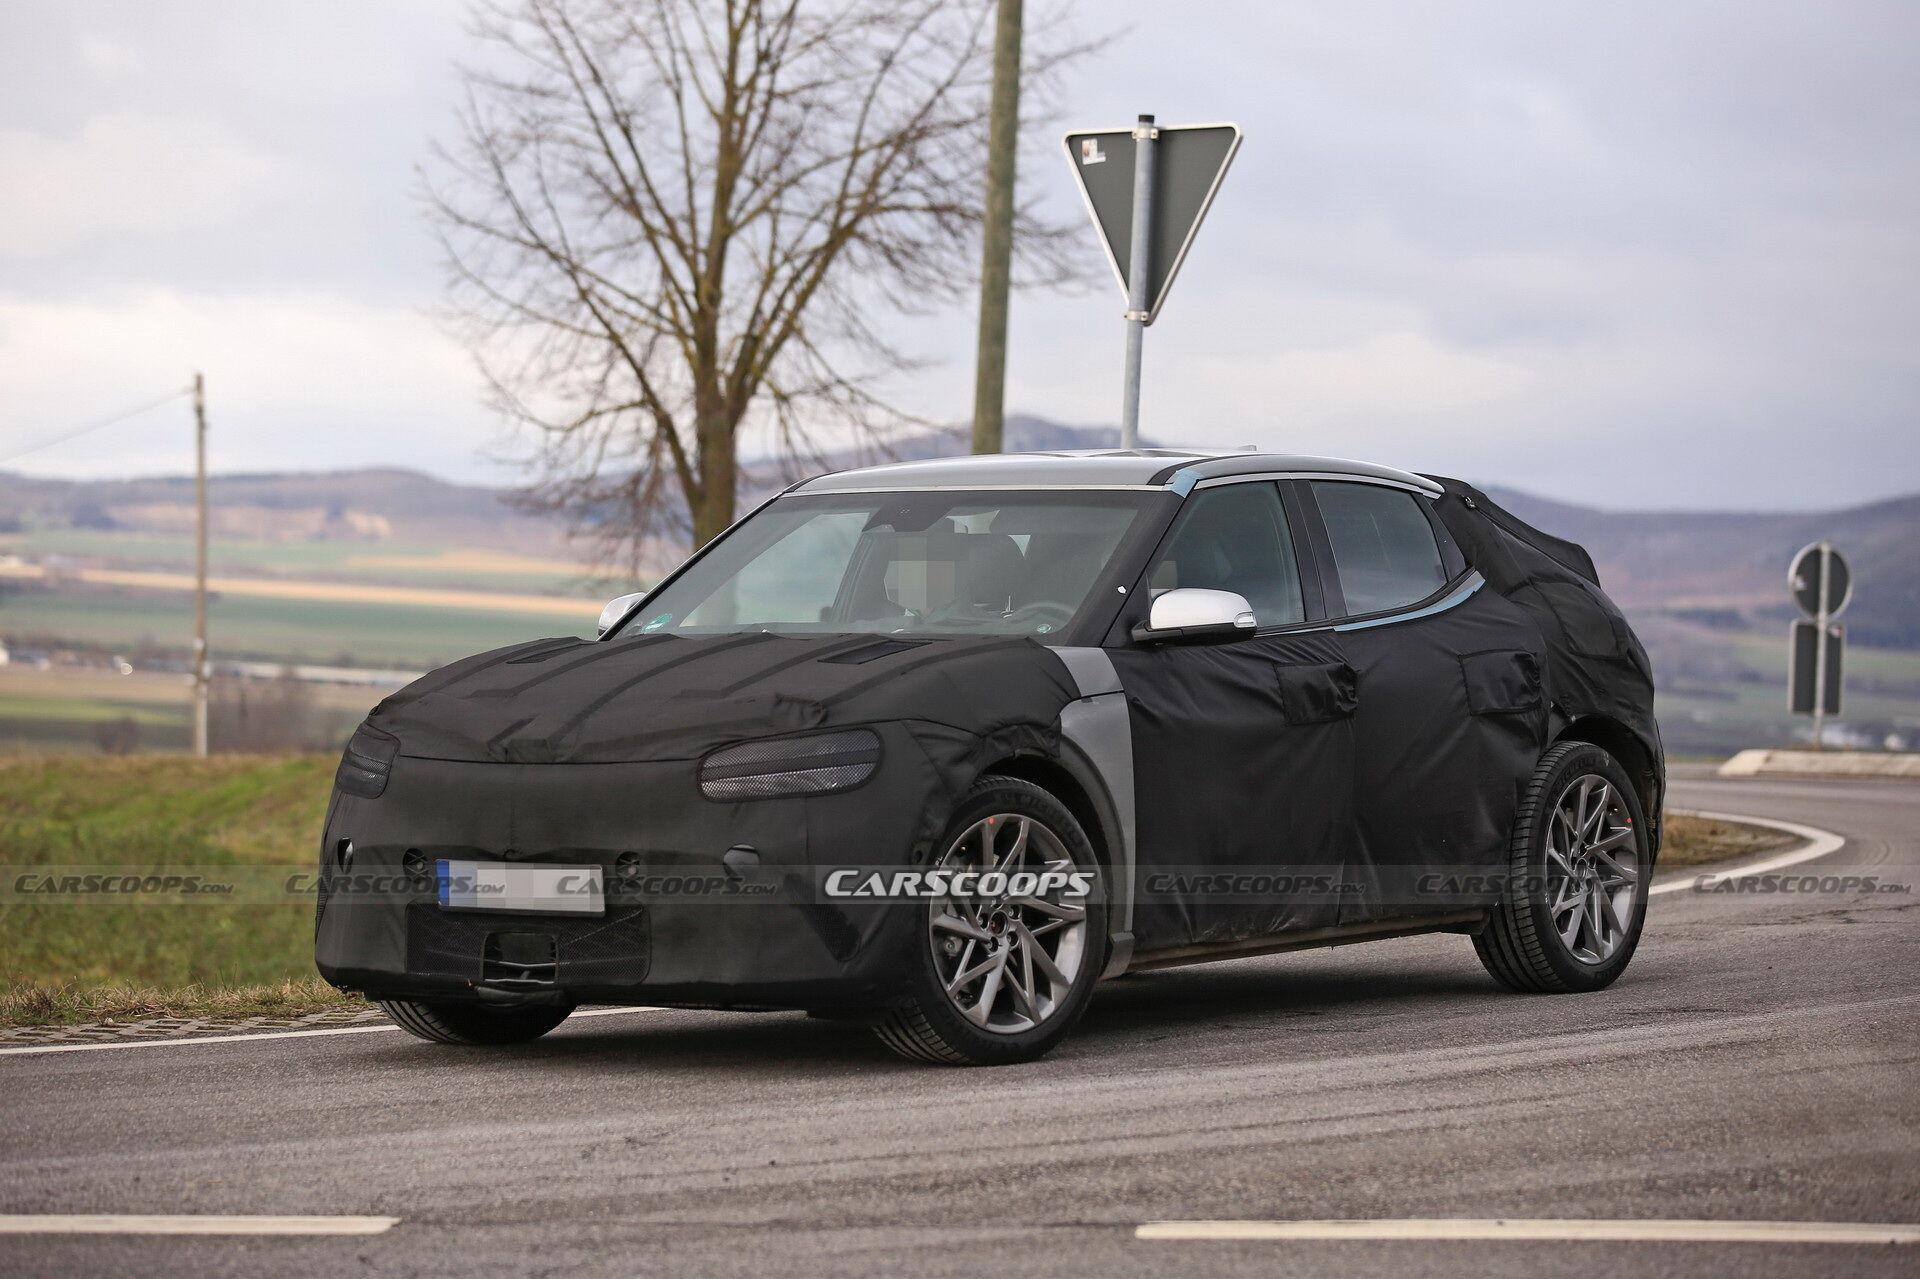 У Німеччині помітили дослідний зразок першої електричної моделі бренду Genesis